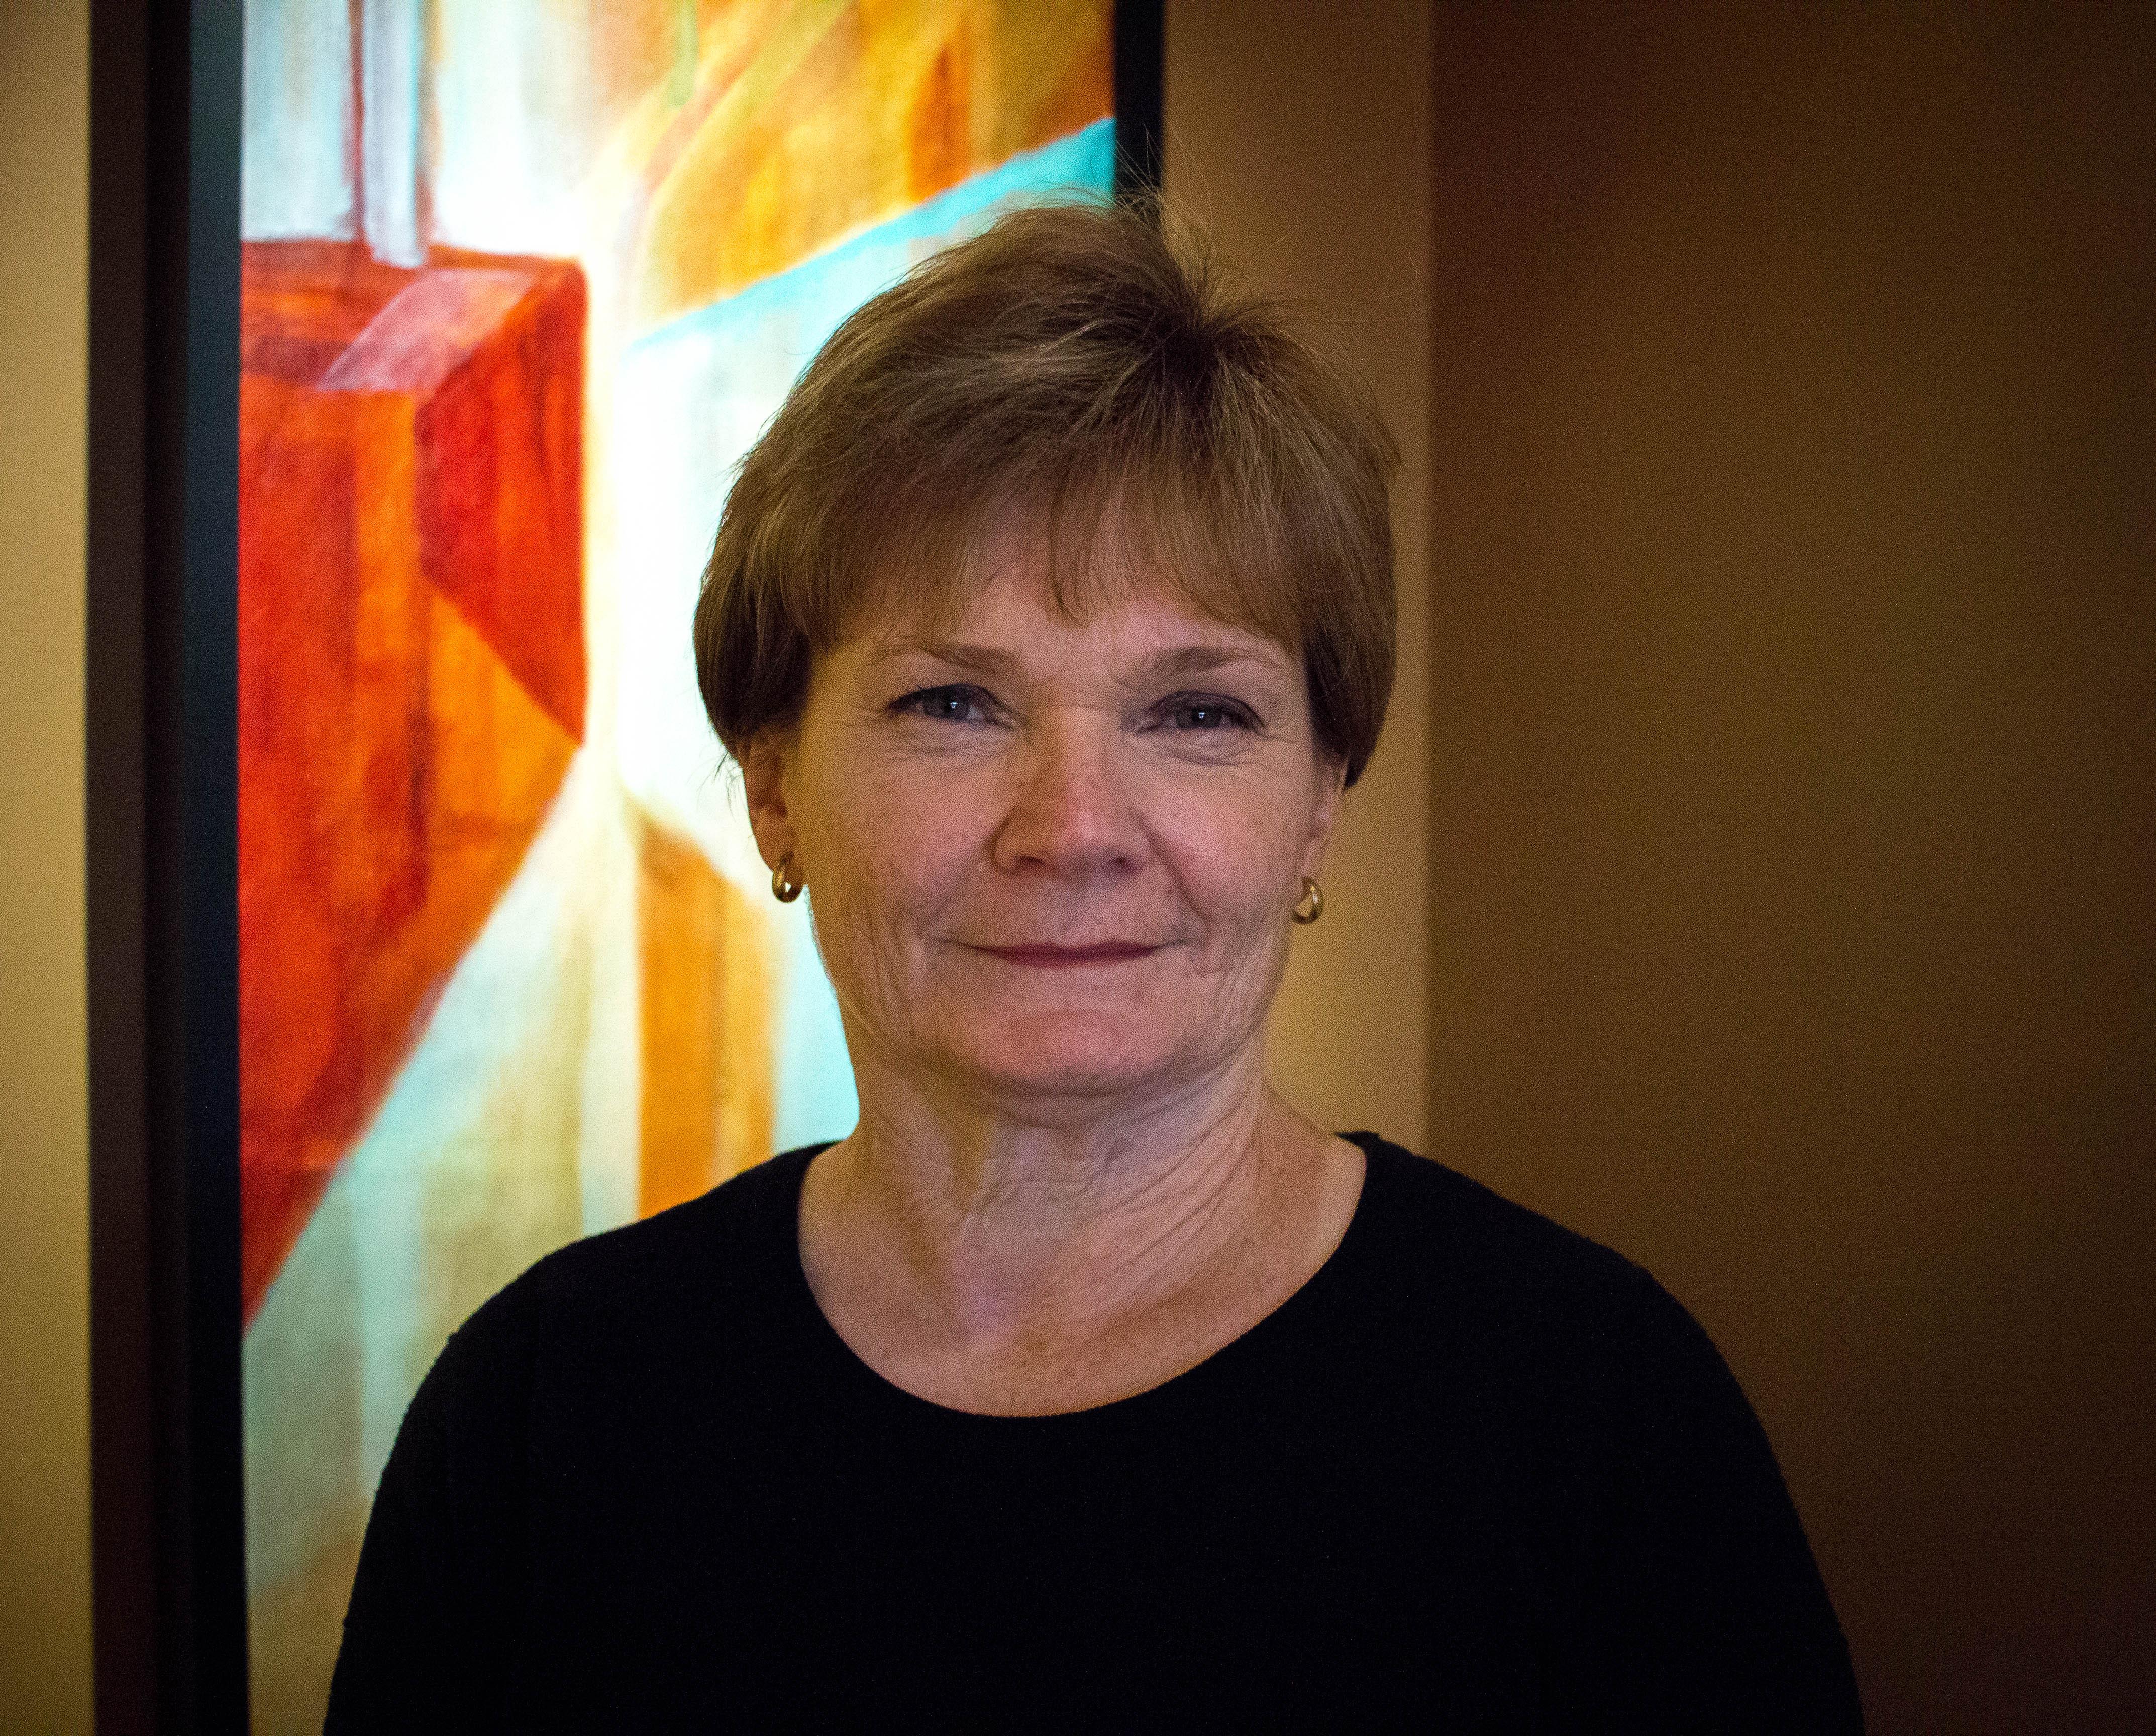 Linda Shriver